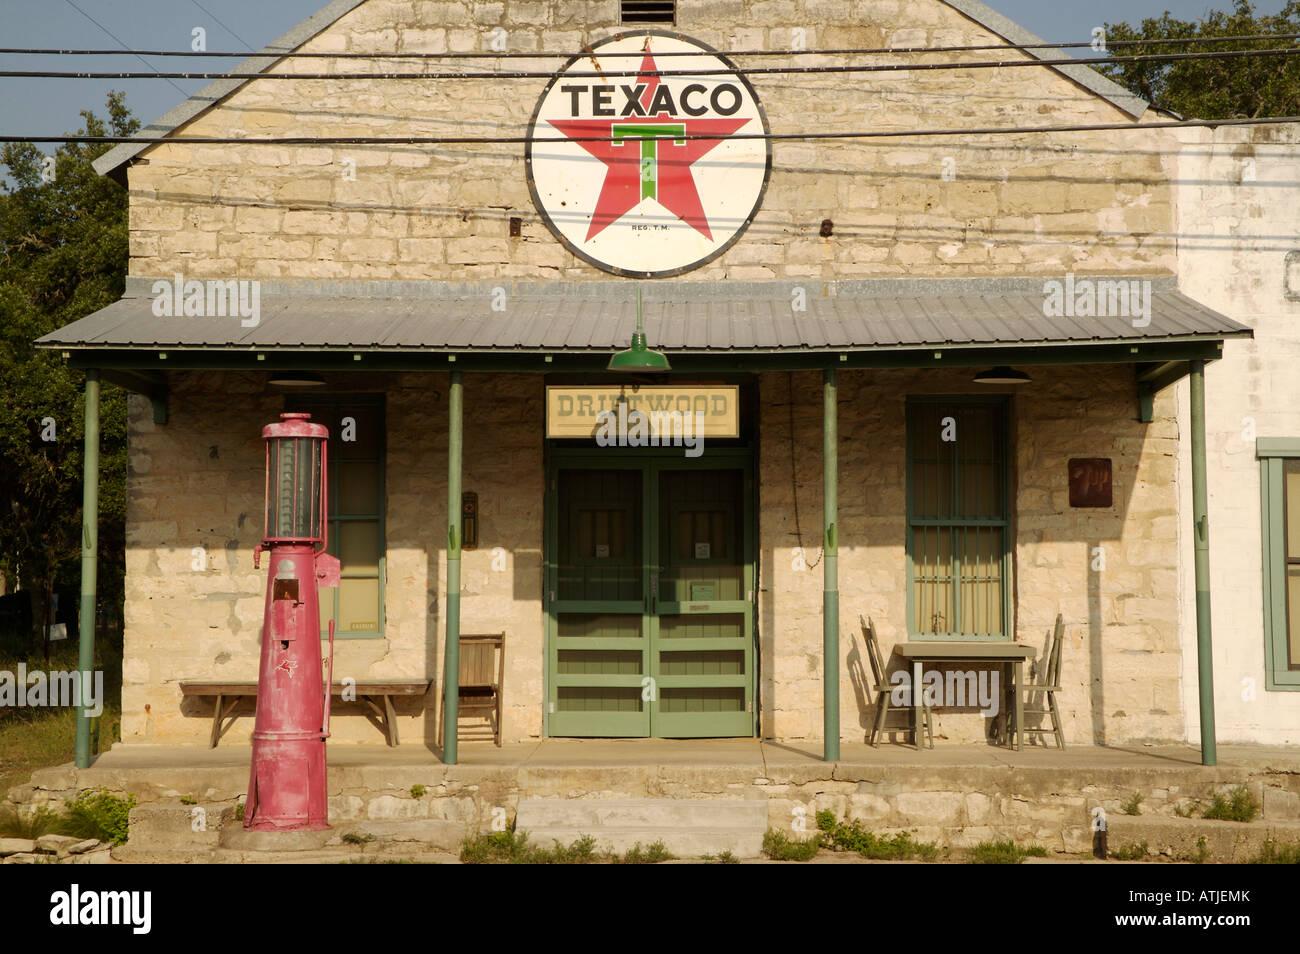 Ancien magasin général à Driftwood Texas au sud-ouest de Austin au Texas, dans la montagne construite au 19ème siècle de blocs d'autochtones Banque D'Images